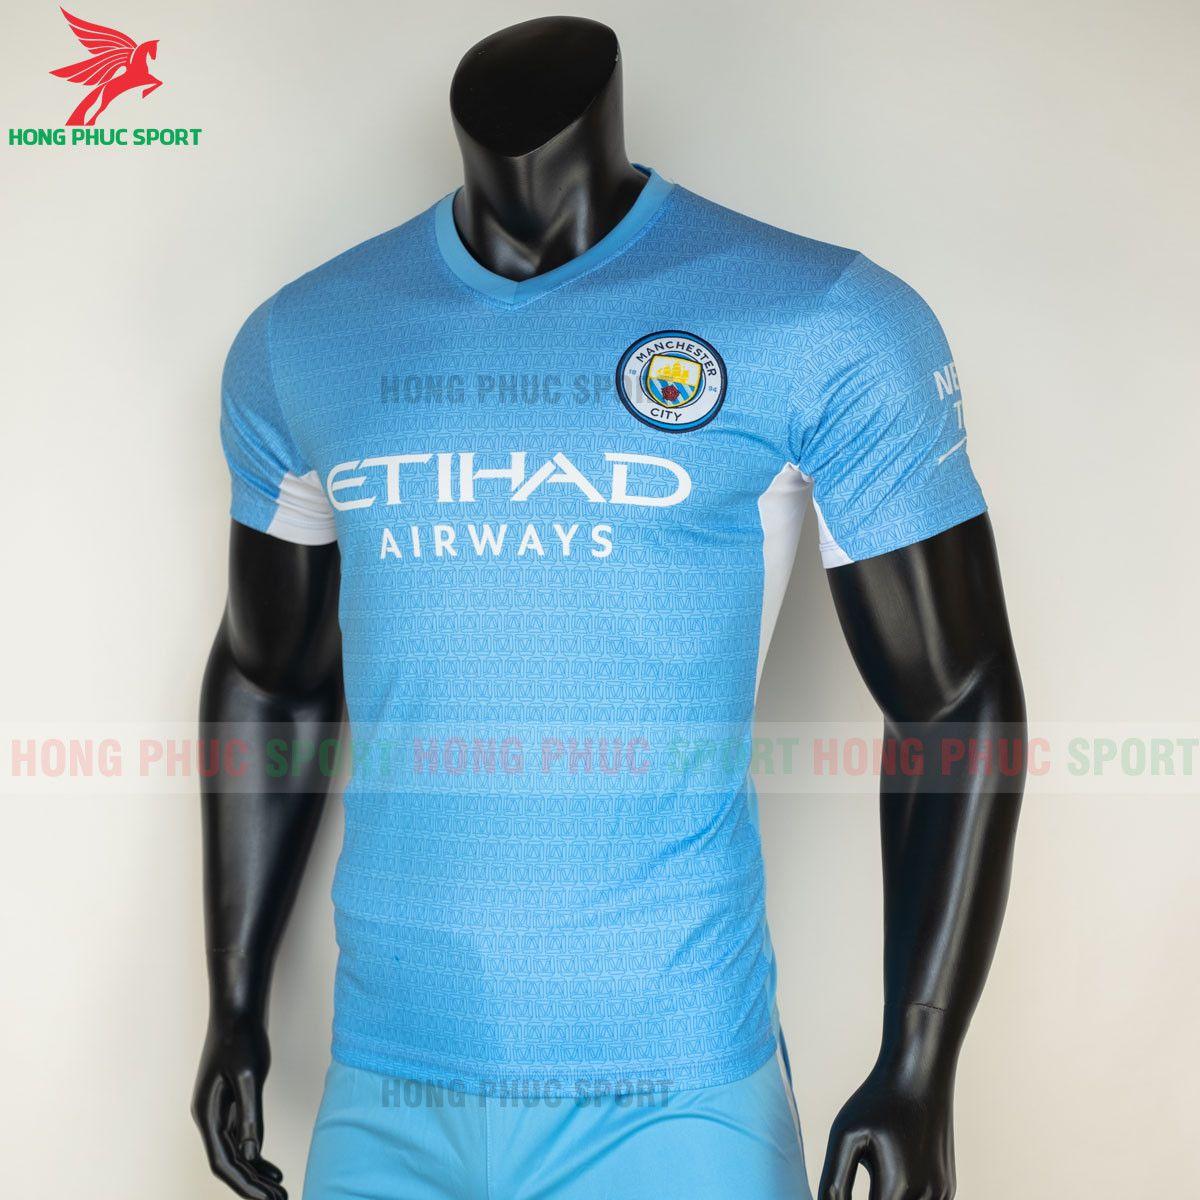 https://cdn.hongphucsport.com/unsafe/s4.shopbay.vn/files/285/ao-bong-da-manchester-city-2021-2022-san-nha-3-60d3015f047f5.jpg